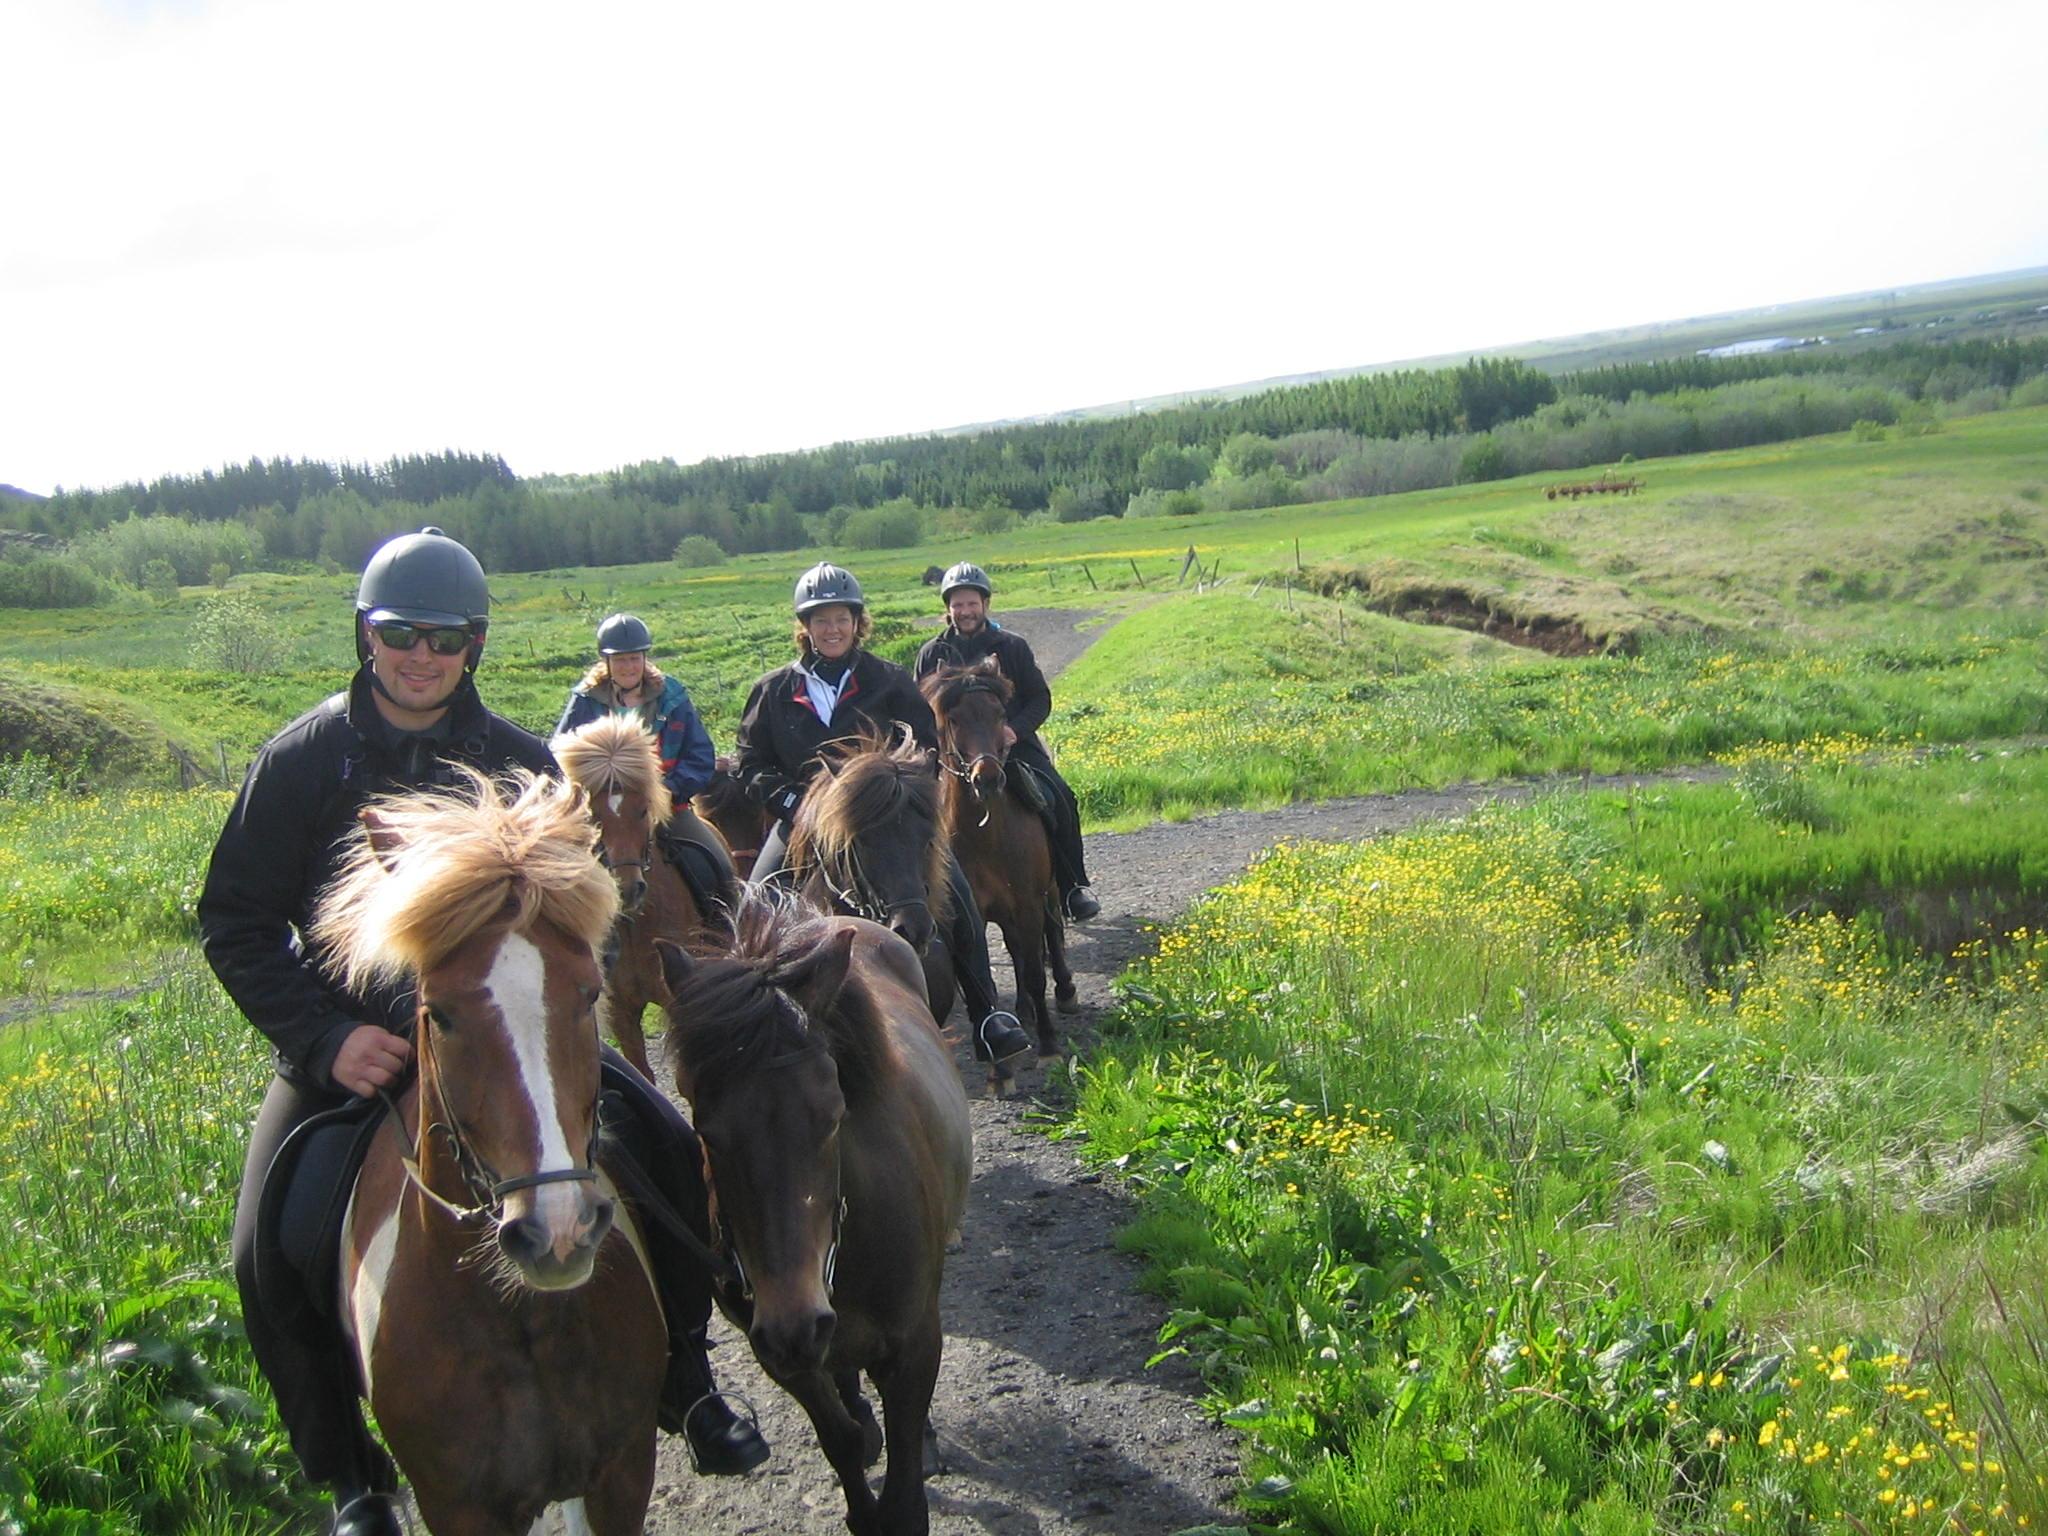 La balade à cheval en famille dans le sud de l'Islande offre une activité fun à faire dans la nature islandaise